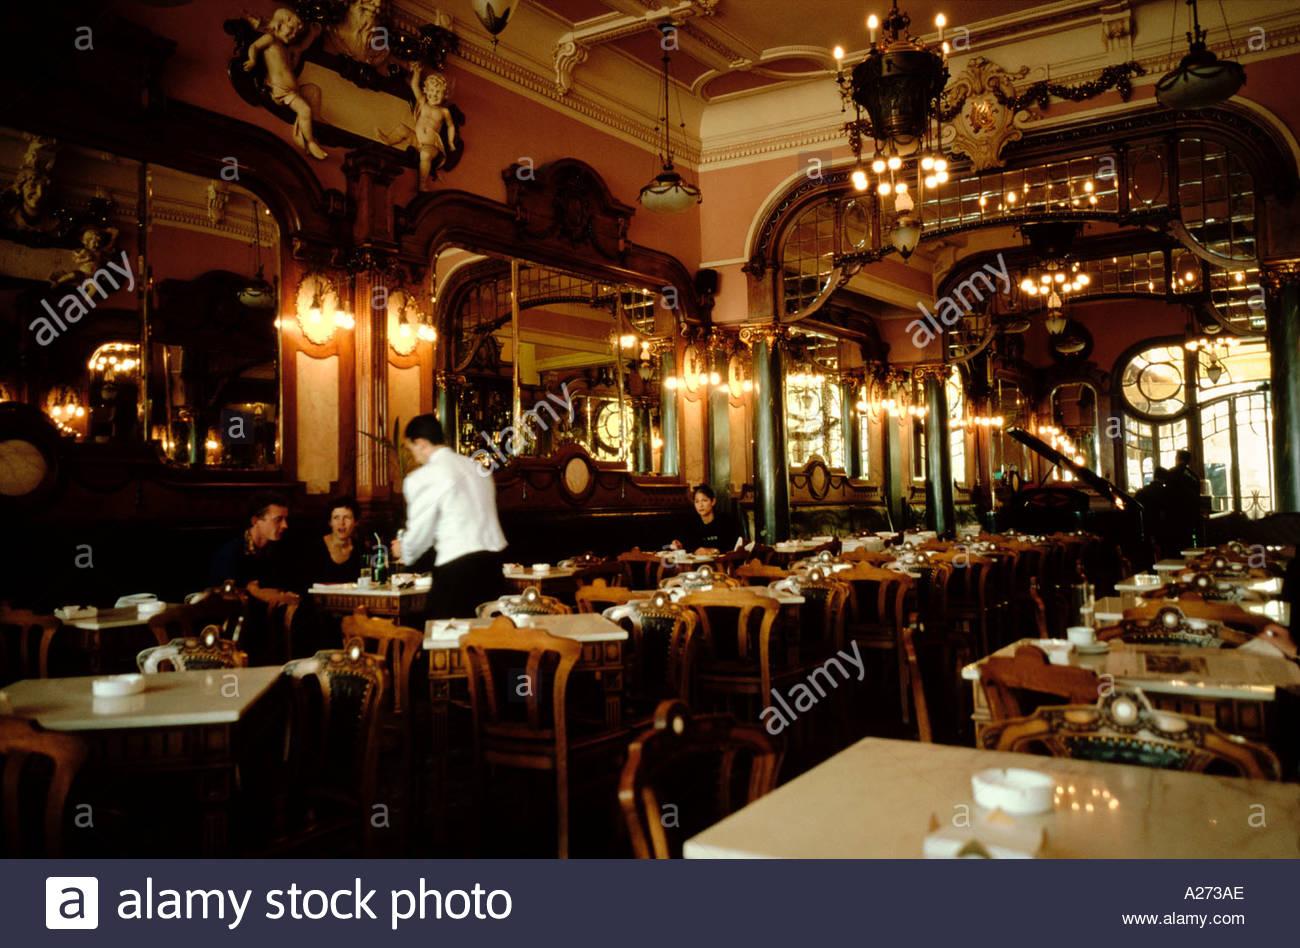 le cafe majestic caf art nouveau jugendstil lgance intrieur passe temps ambiance style serveur potable porto portugal